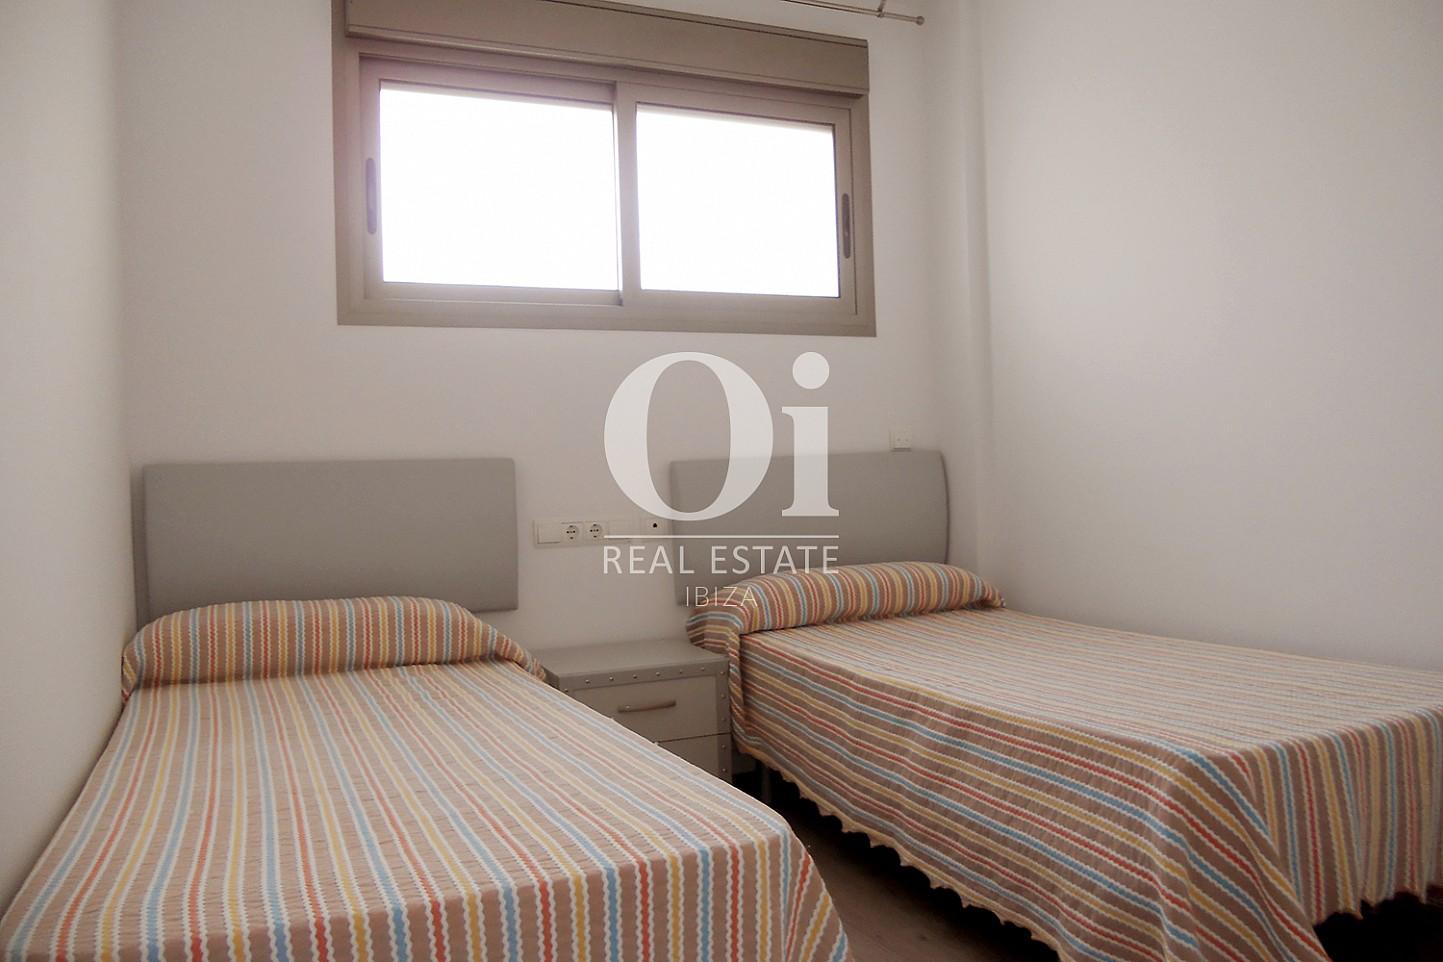 Cuarto con dos camas de piso en venta en Cala Gració, zona de Sant Antoni, Ibiza